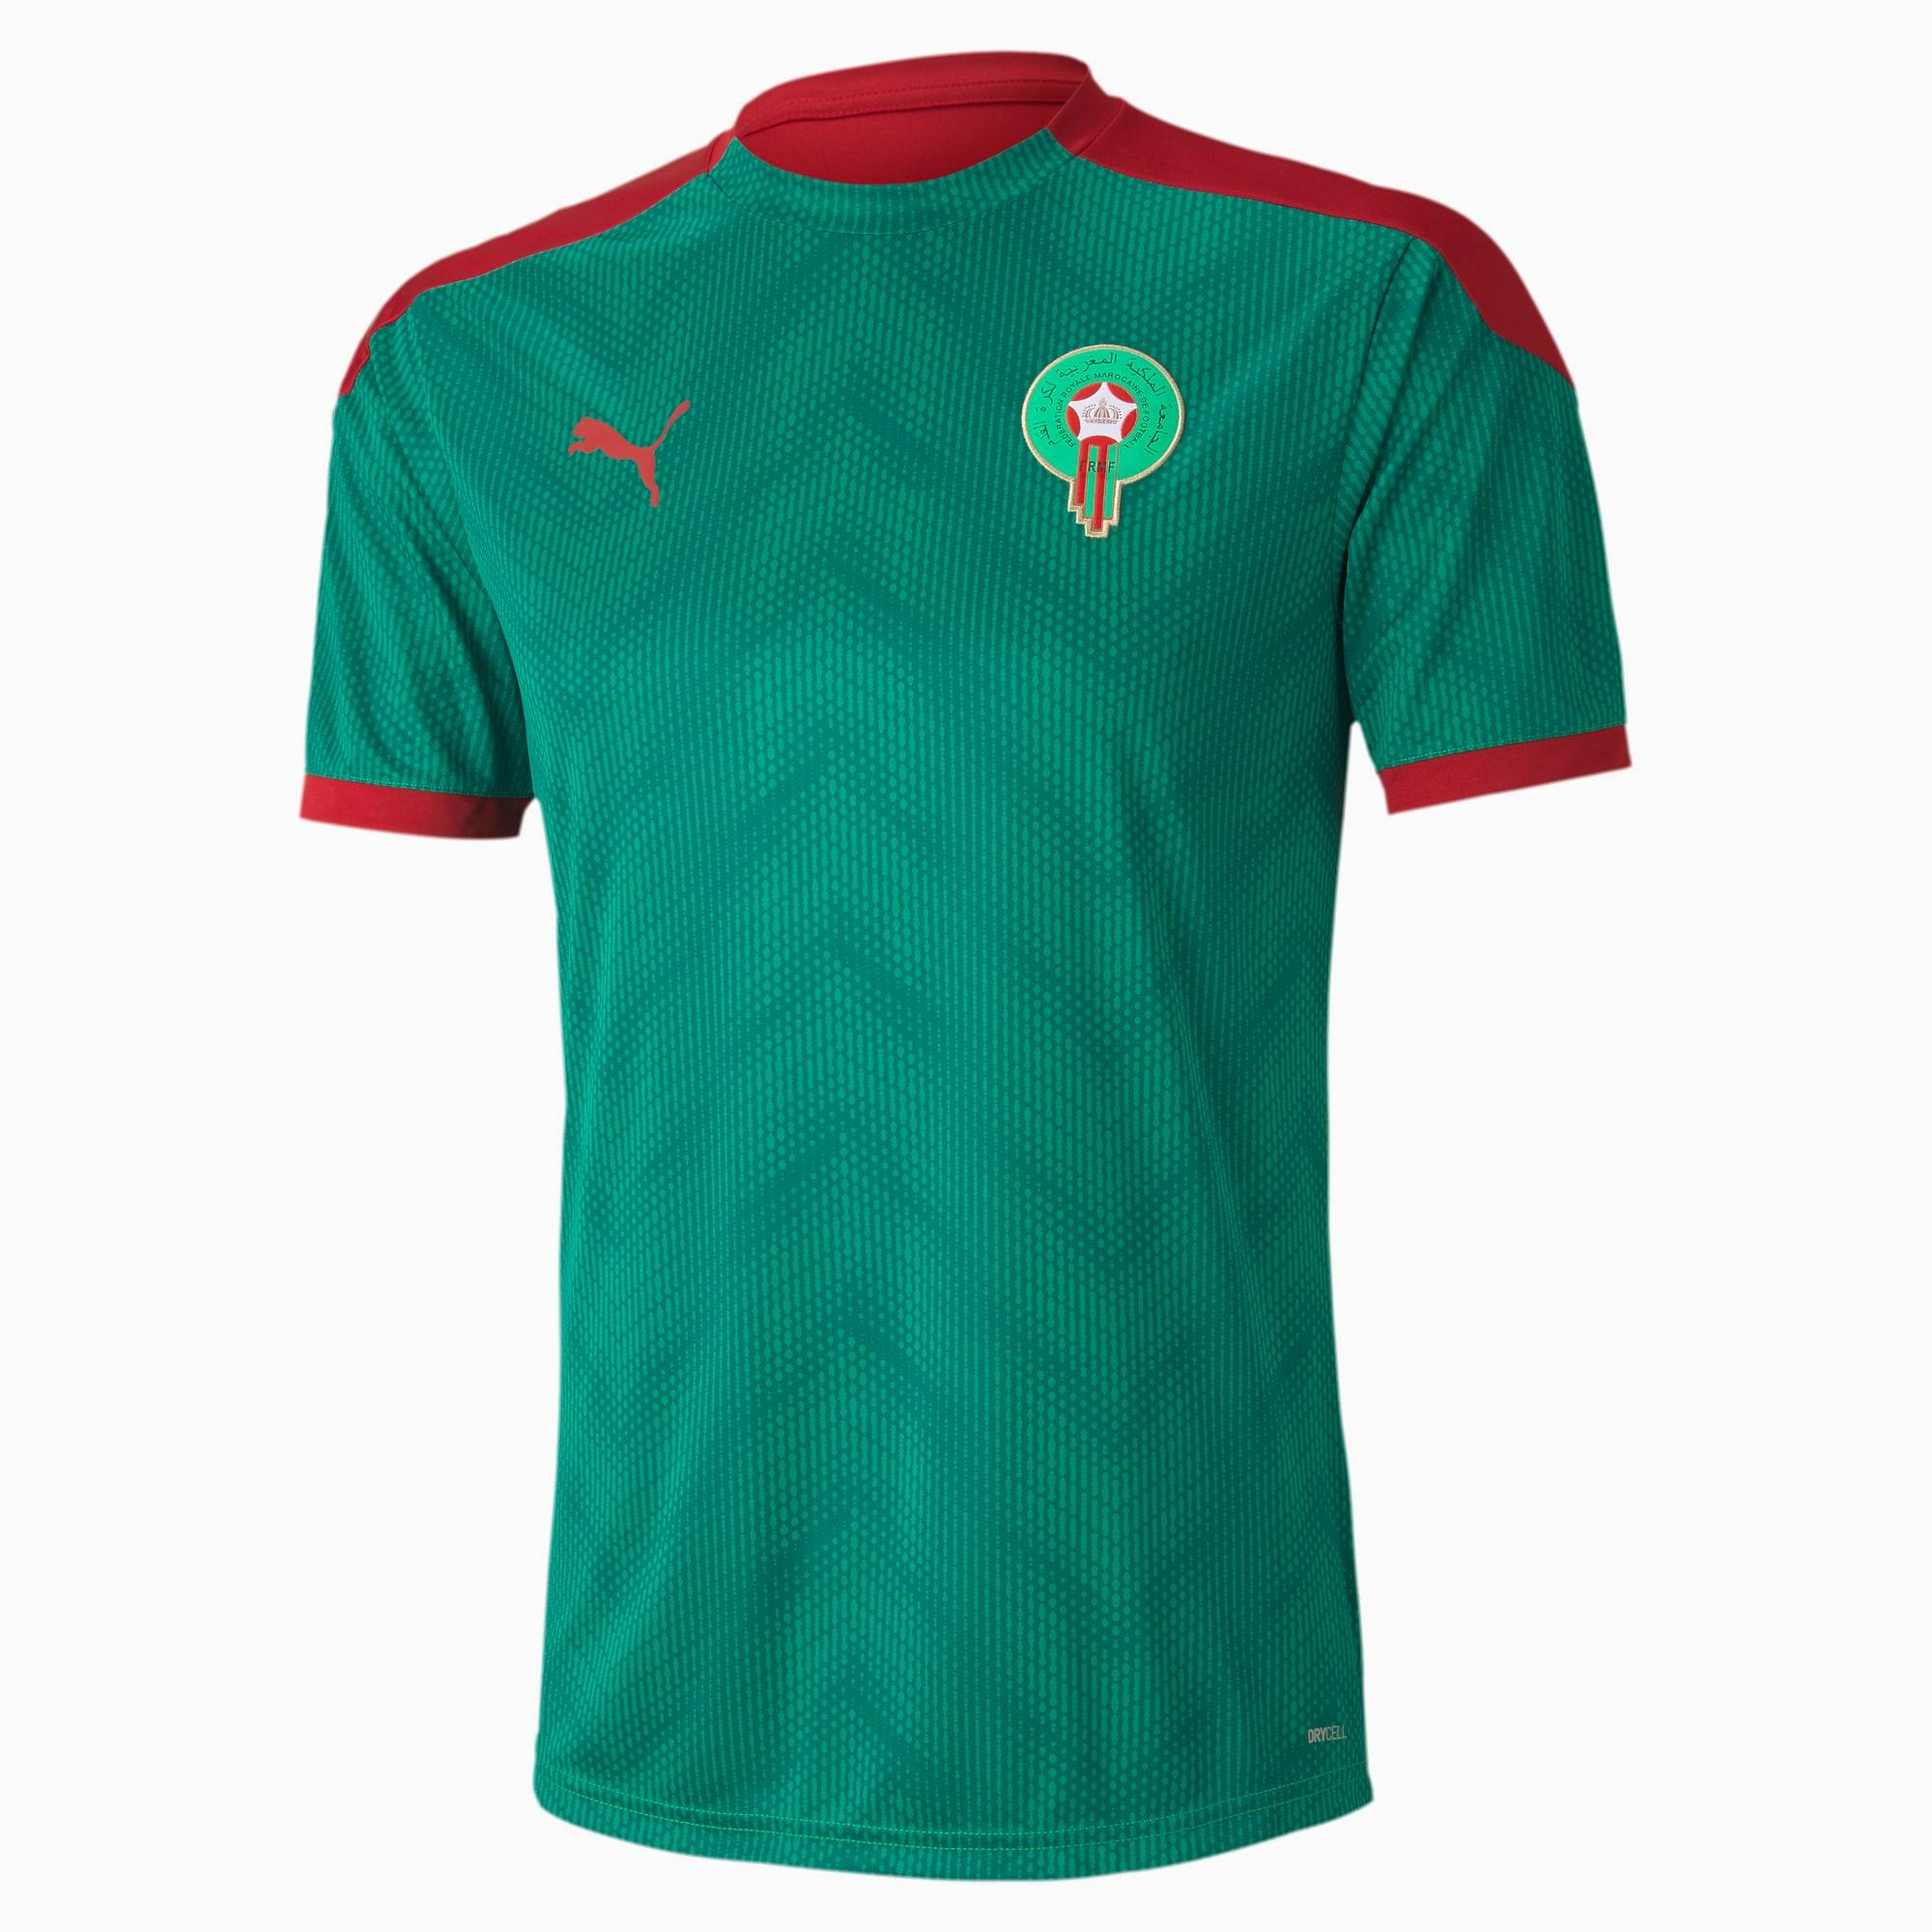 PUMA Maillot Stadium Maroc pour Homme, Vert/Rouge, Taille L, Vêtements